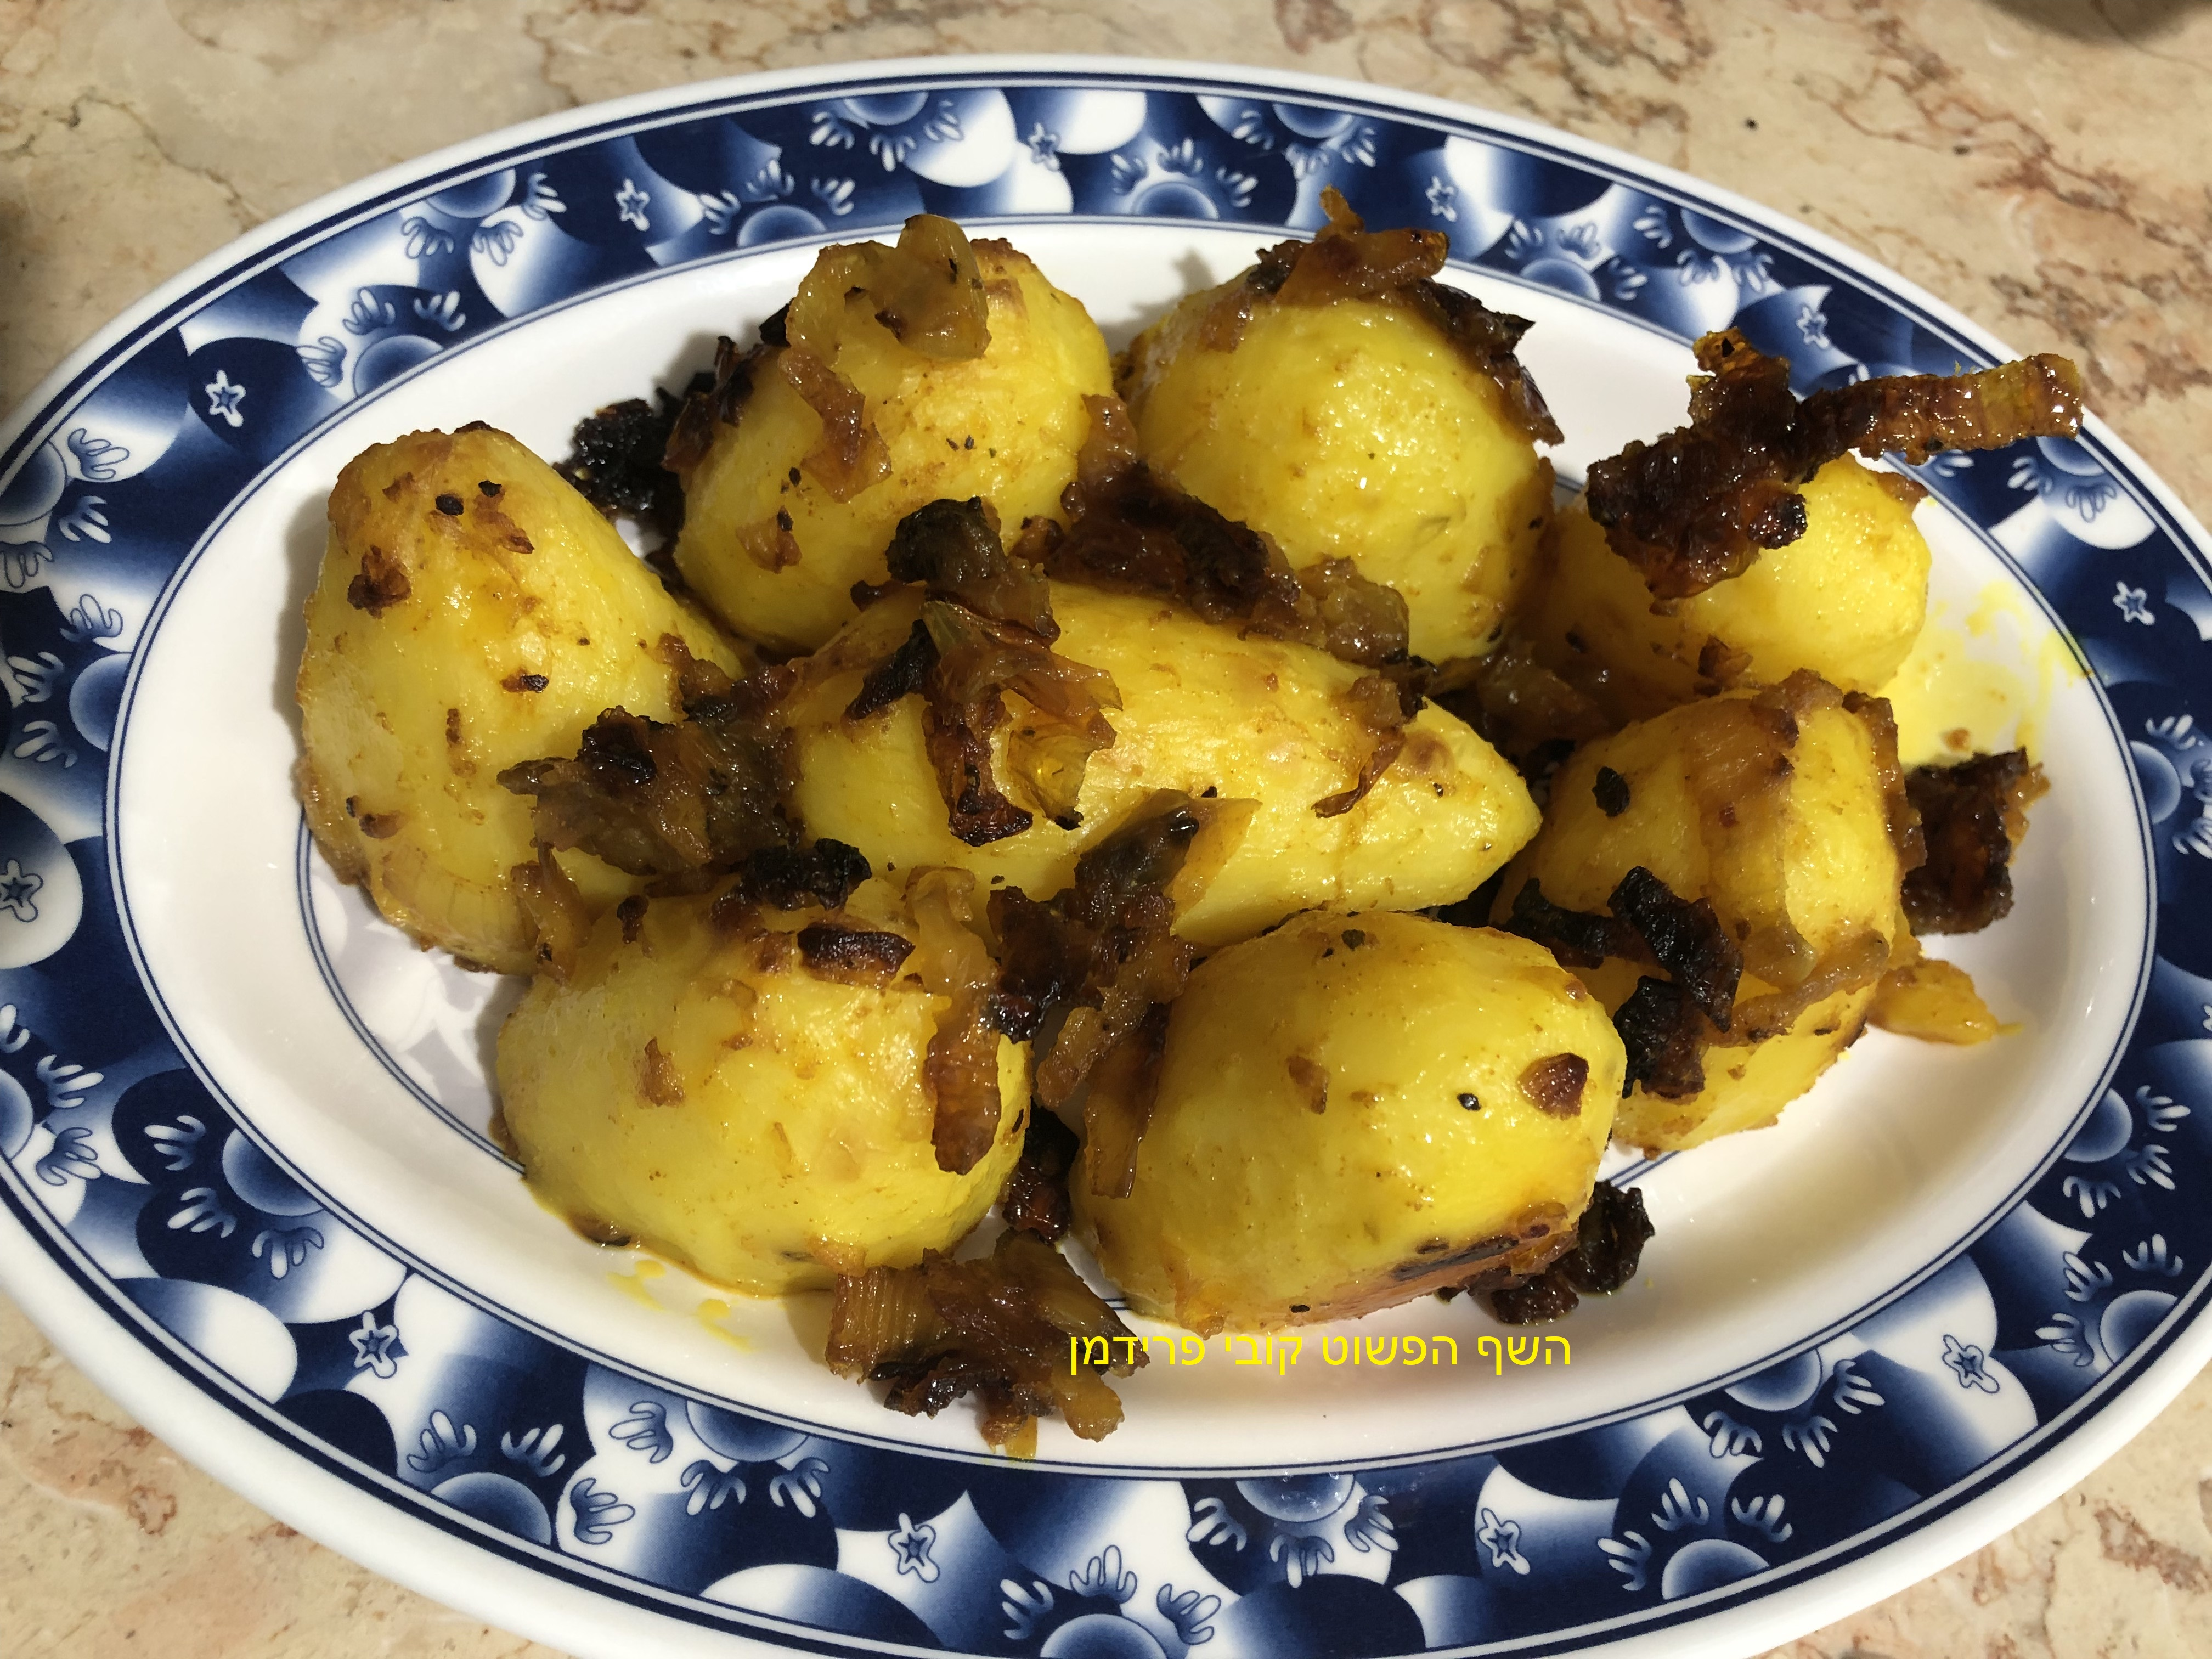 מיני תפוא אפויים בתנור עם כורכום ובצל מקורמל